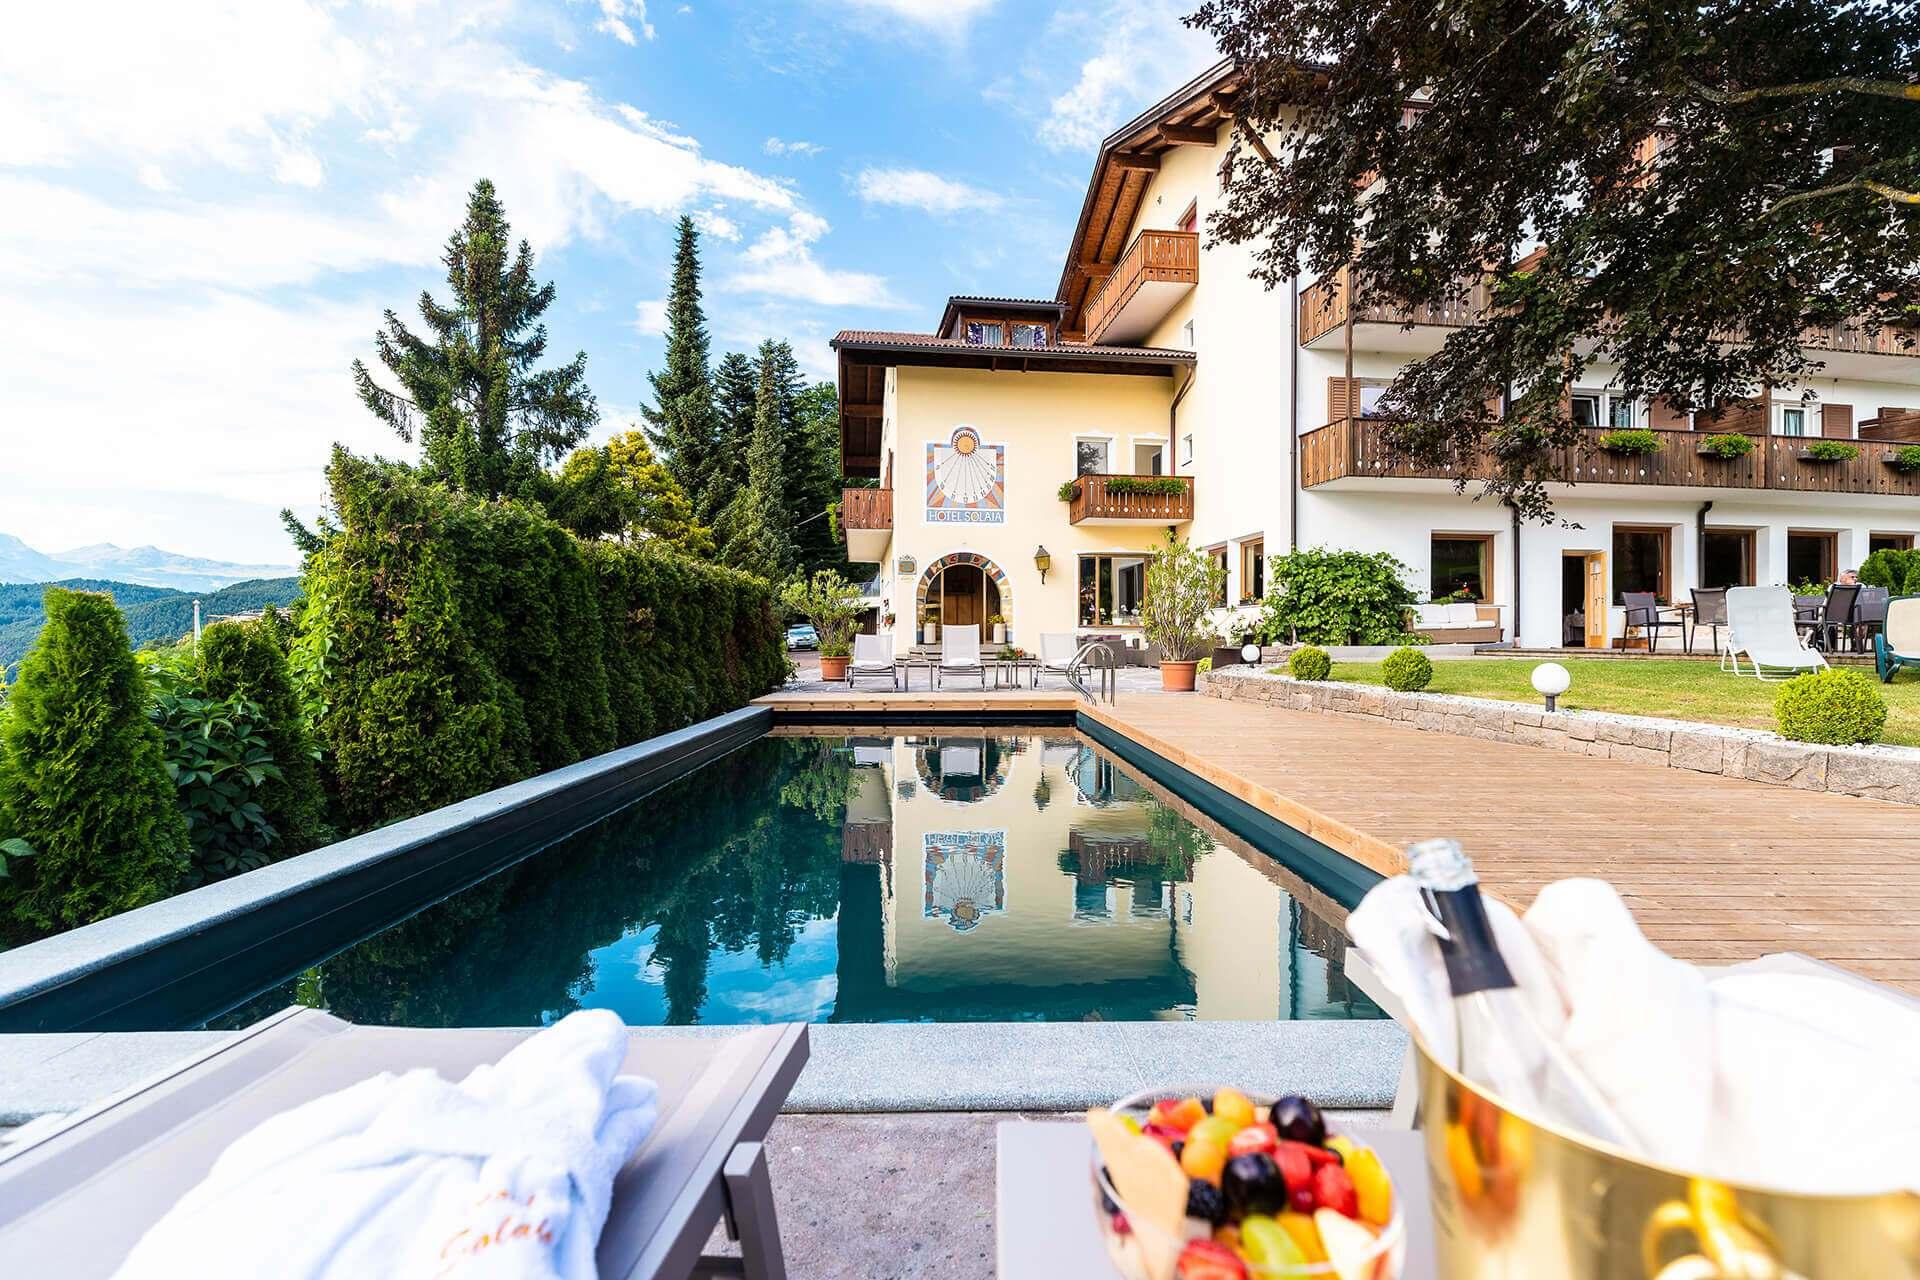 Hotel Solaia – Zimmer und Ferienwohnungen in Kastelruth